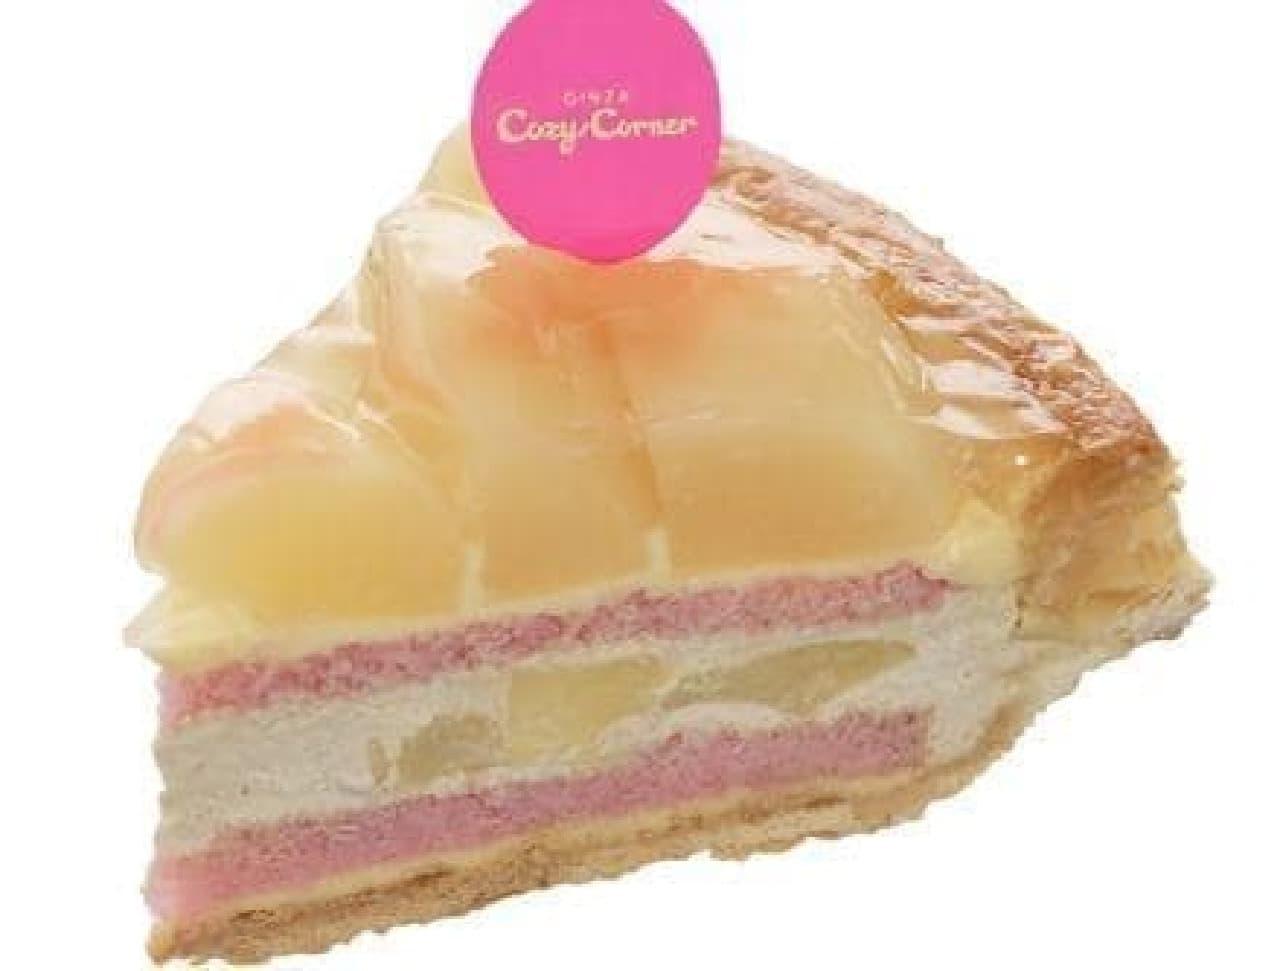 銀座コージーコーナー「白桃と紅茶のパイ」